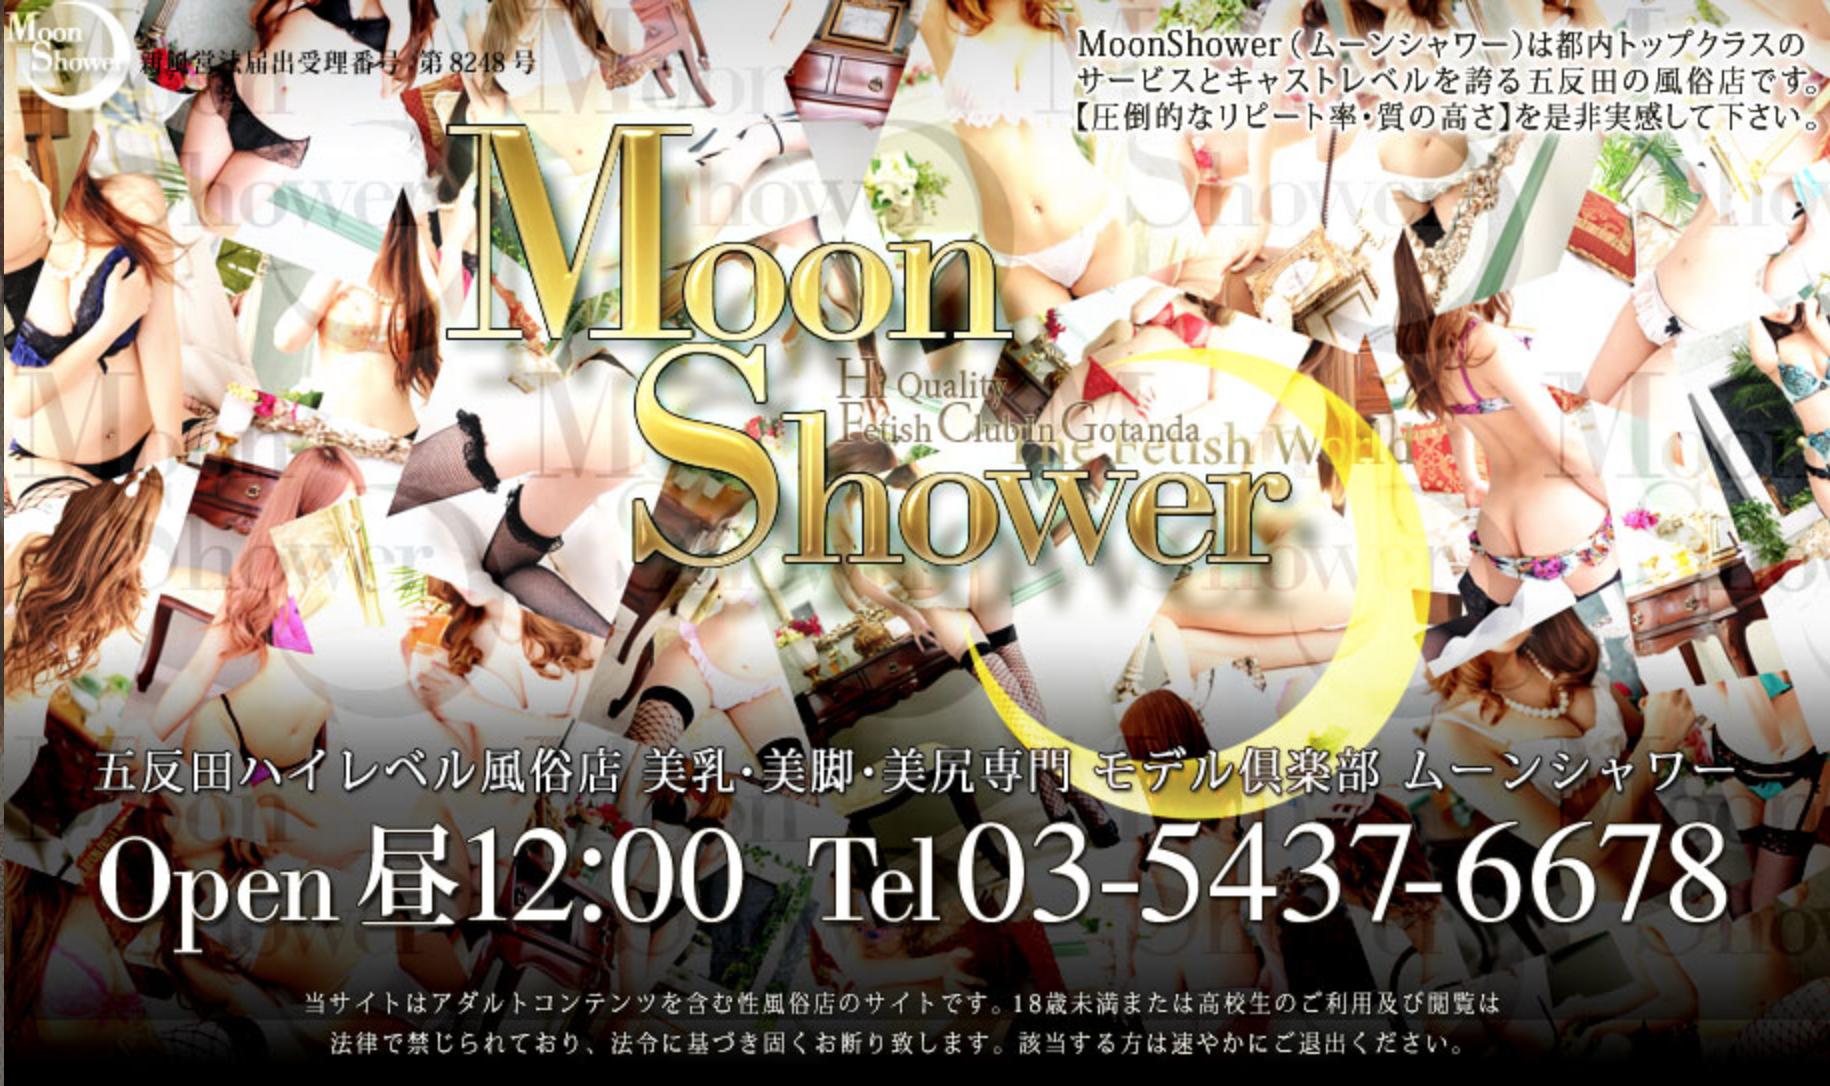 ムーンシャワー